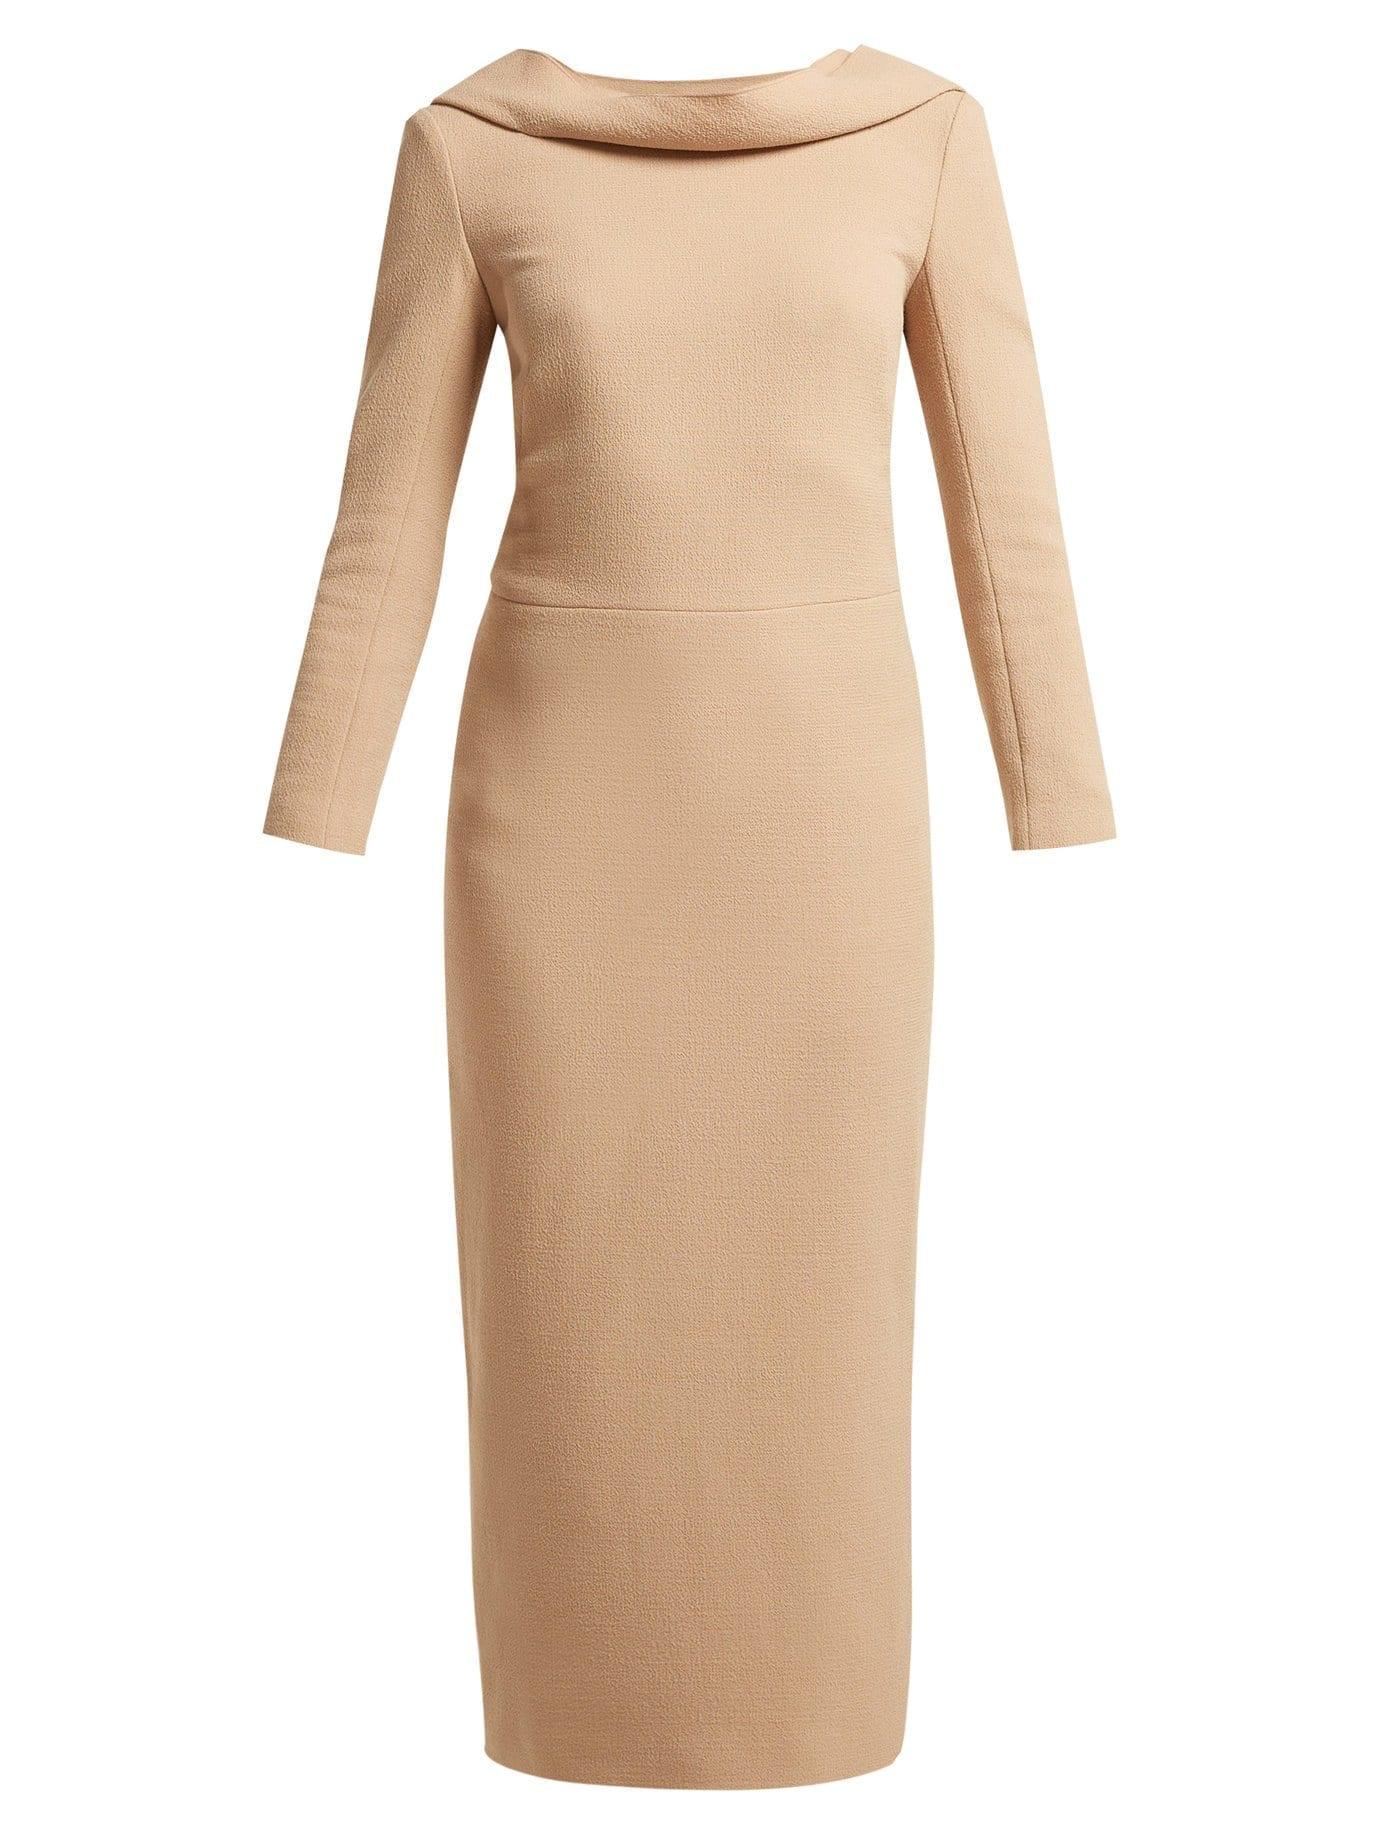 CARL KAPP Noah Wool-crepe Camel Dress 2